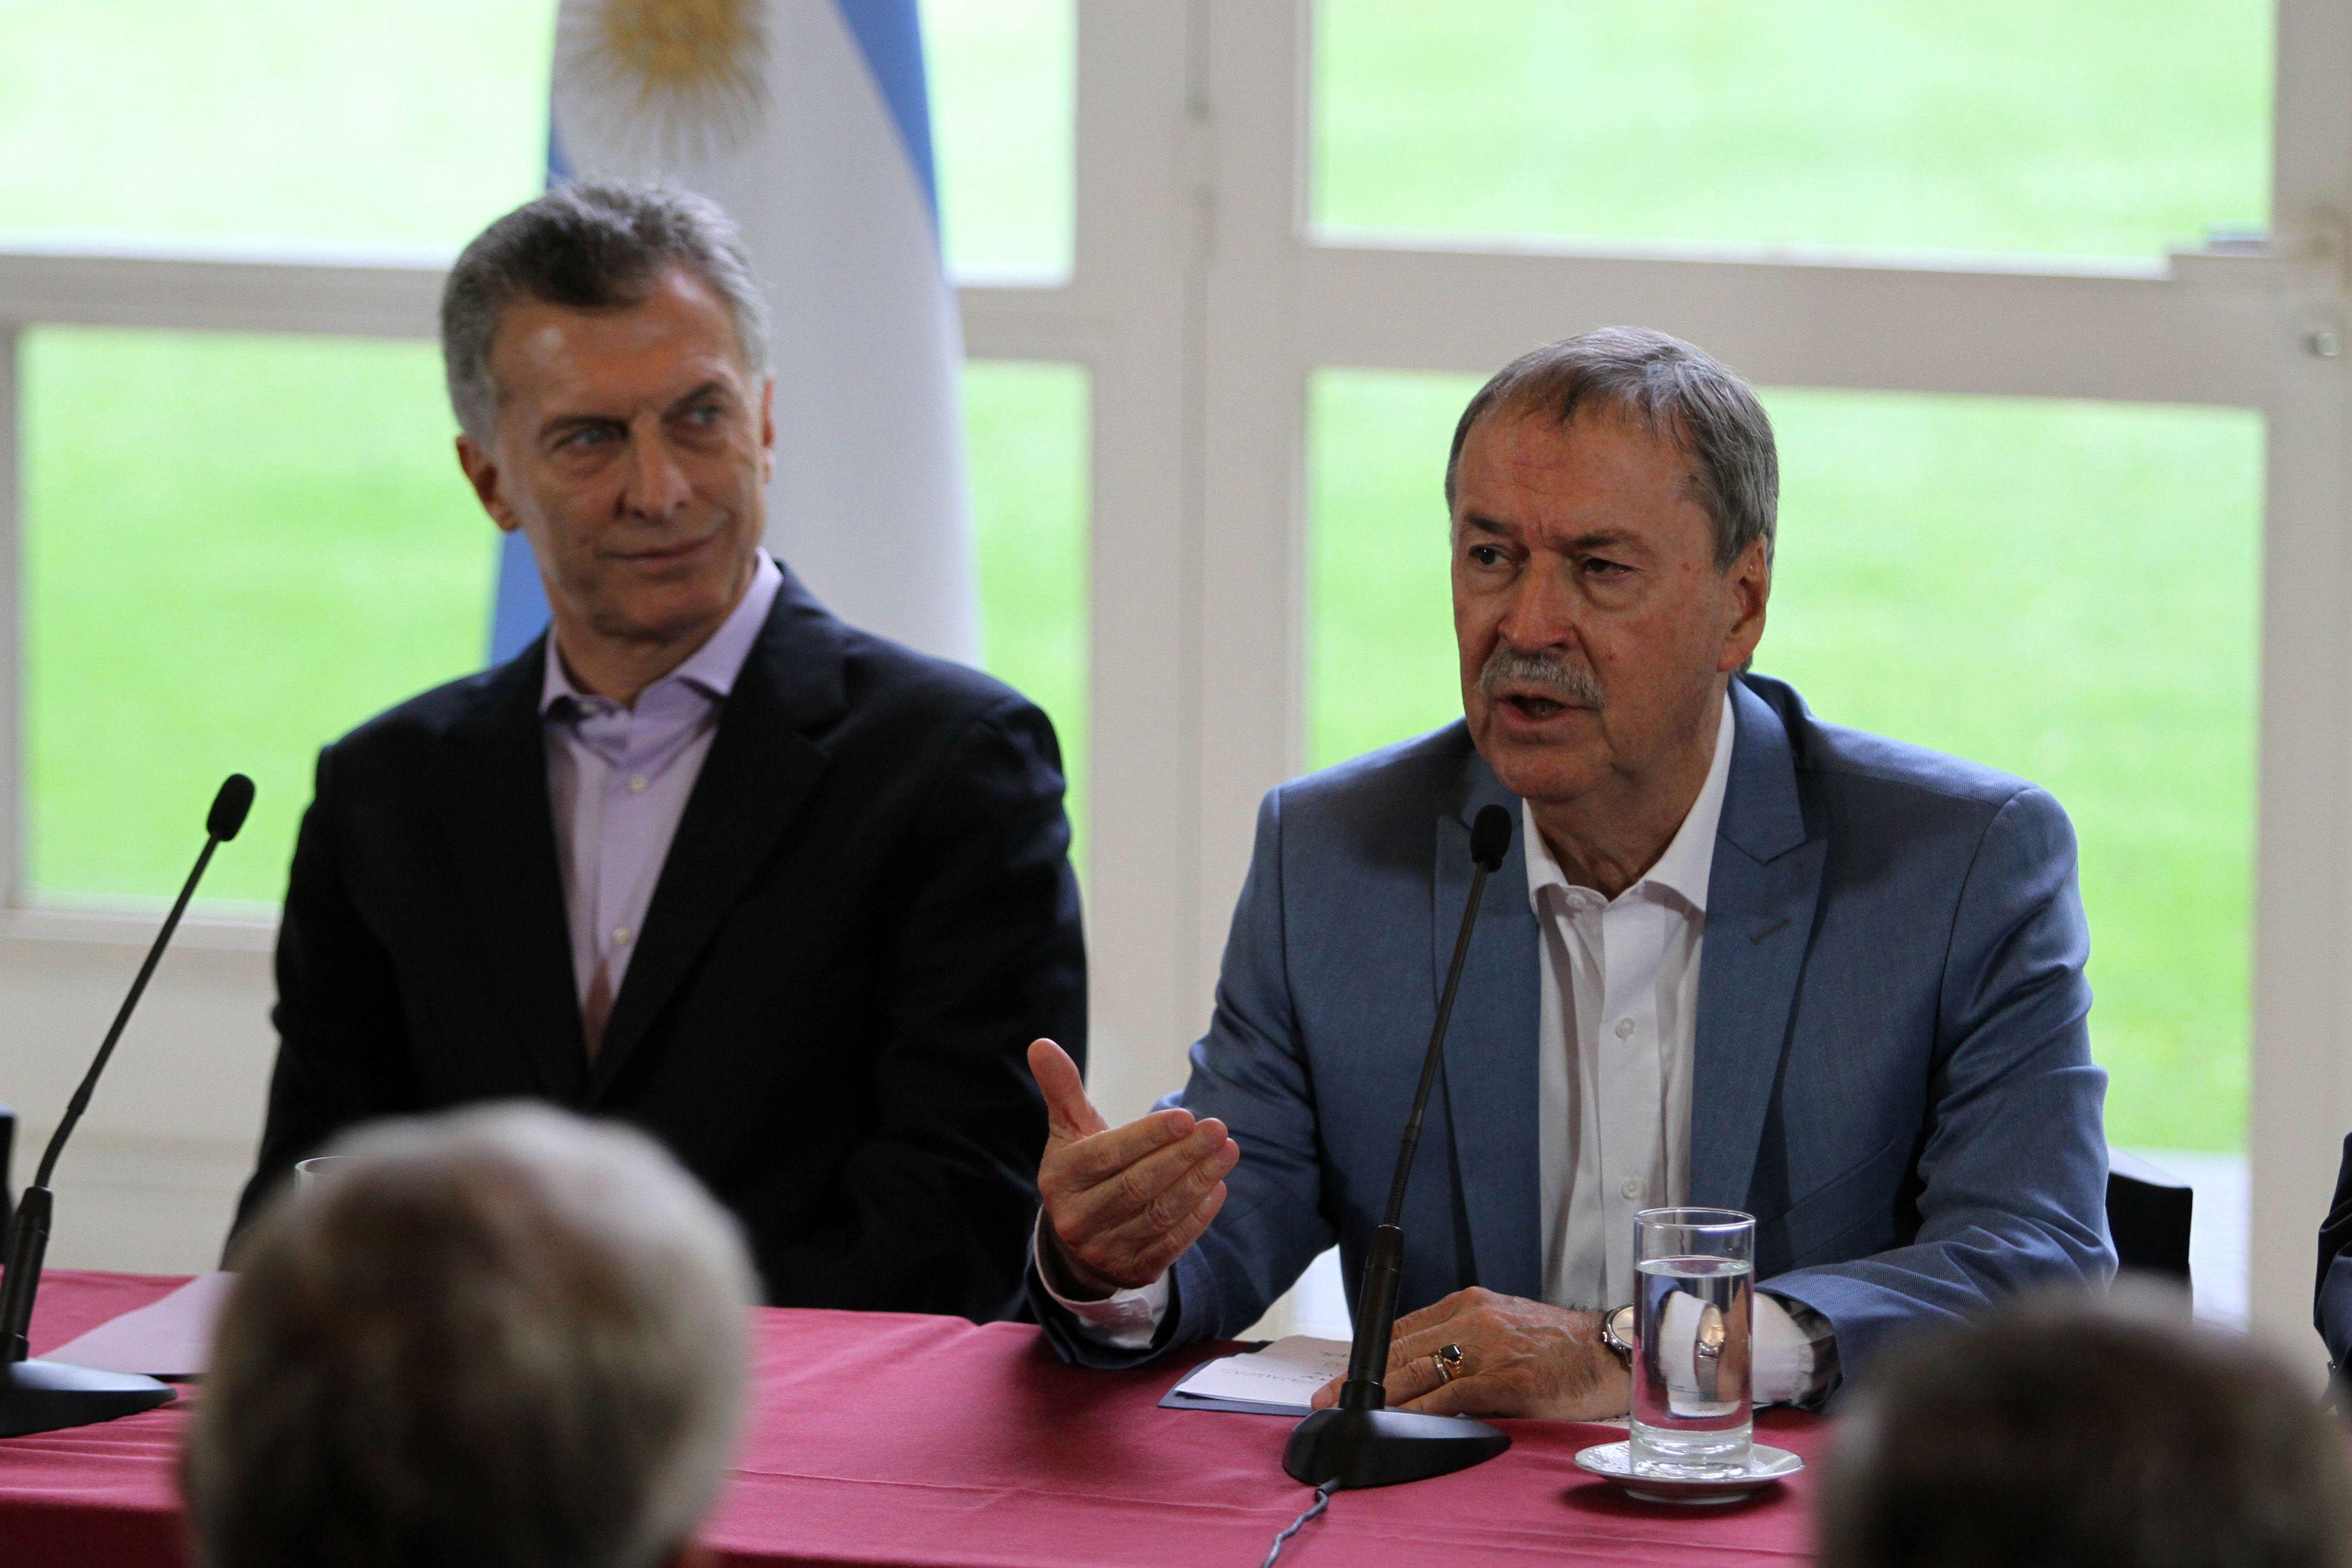 Macri volvió a cargar contra los sindicatos por adoptar medidas de fuerza